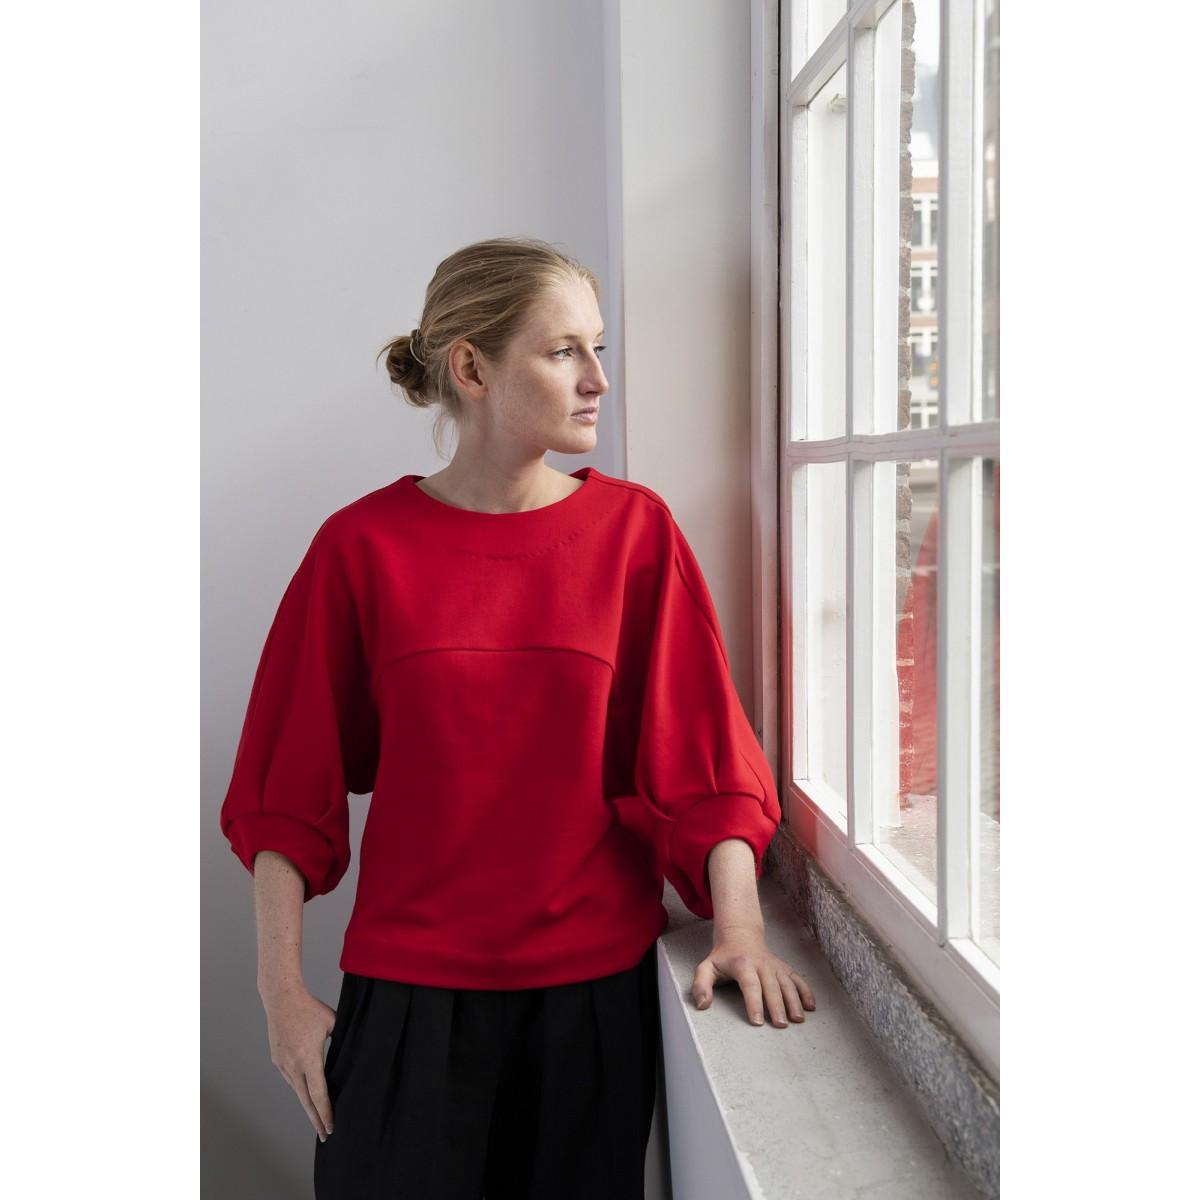 RiannedeWitte | Suno sweater from Rianne de Witte